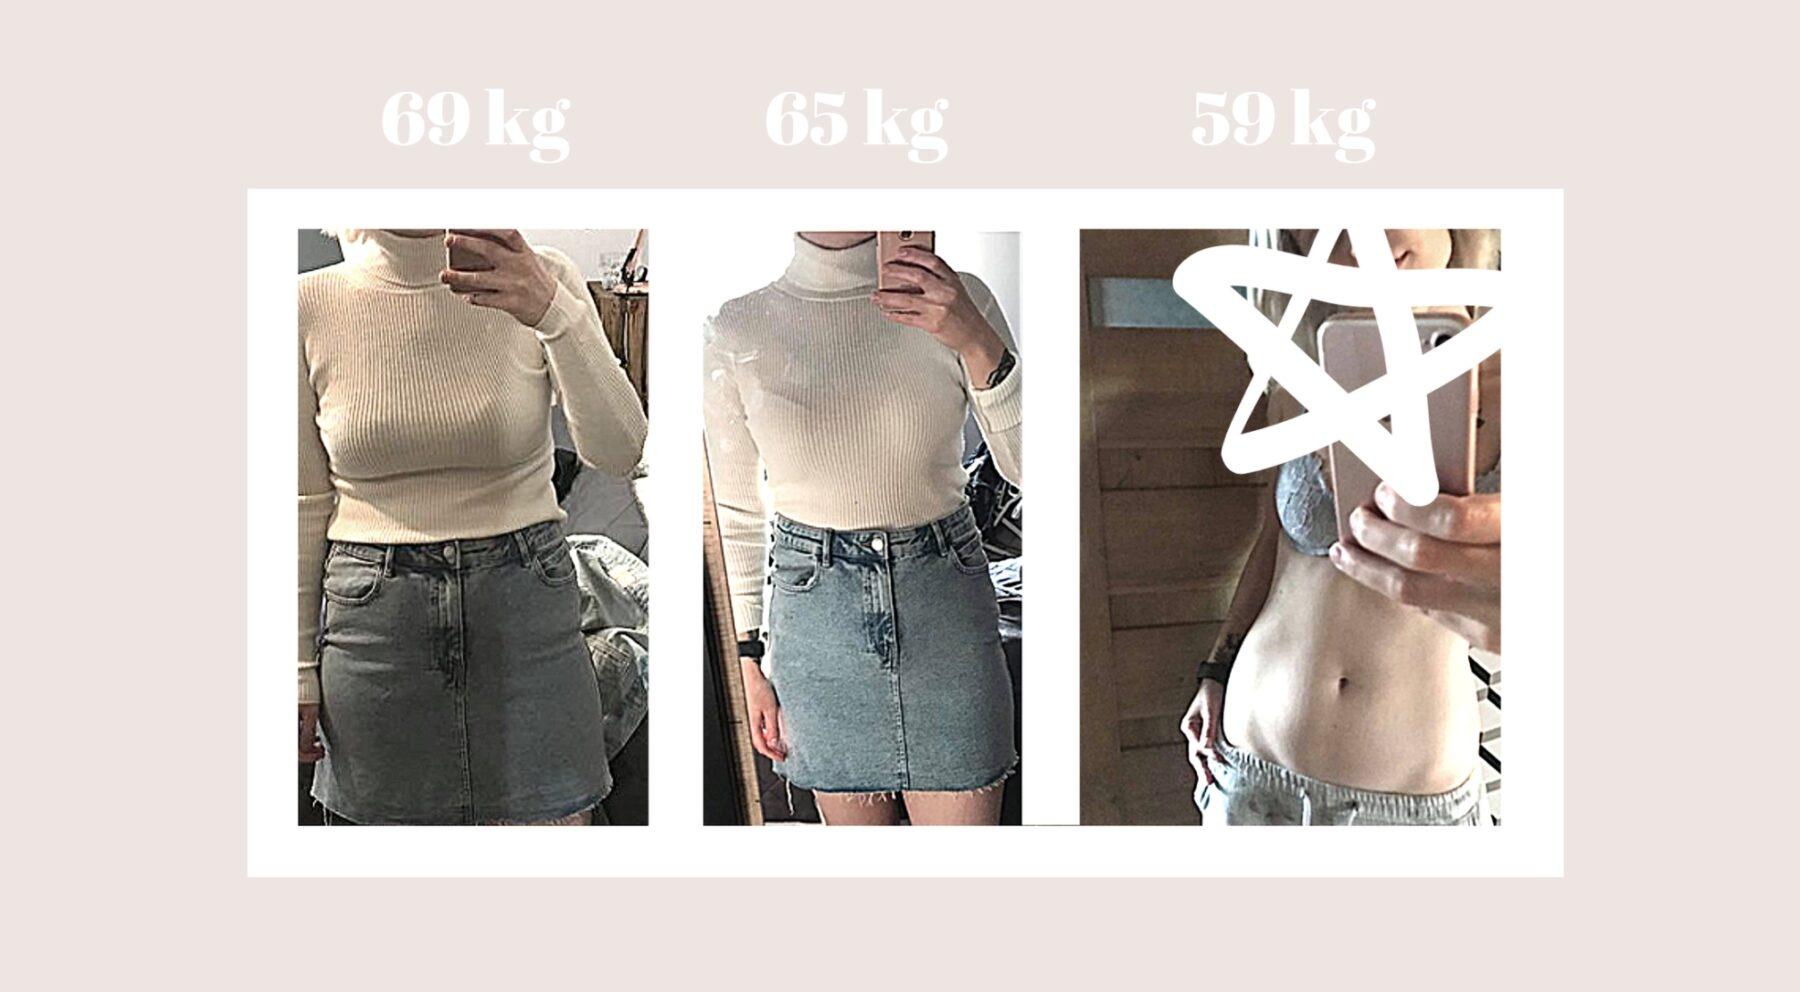 jak-schudlam-10kg-odchudzanie-blog-efekty